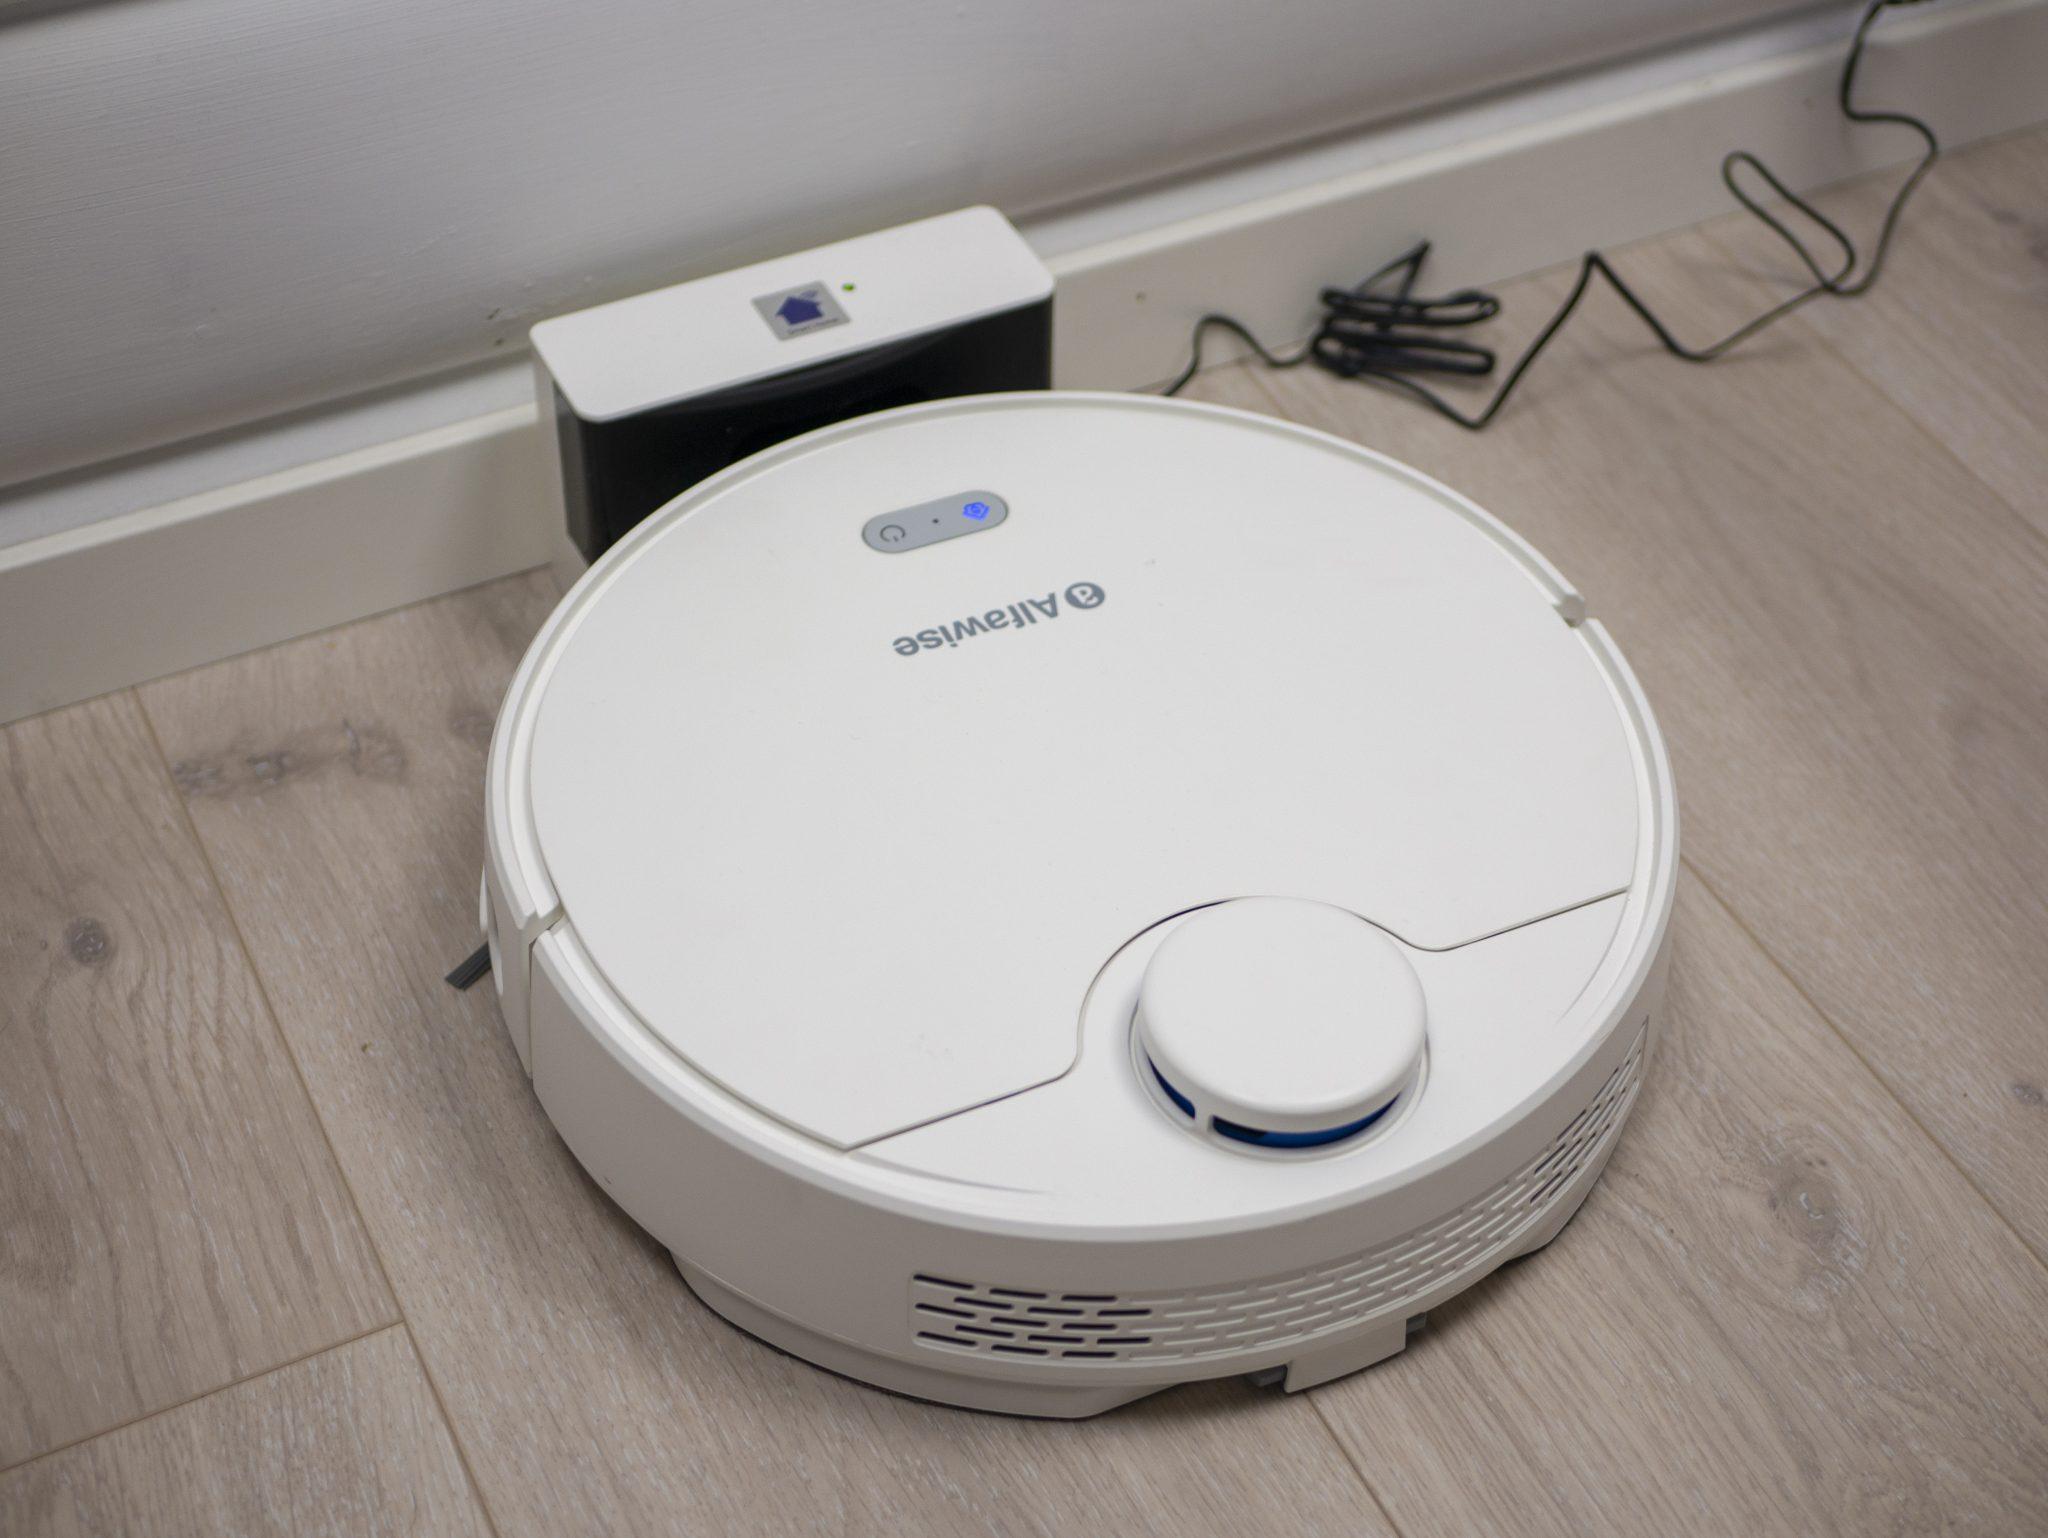 """Ieškote pigaus roboto dulkių siurblio? Įsigykite """"Alfawise V10 Max"""" už labai patrauklią kainą ir itin greitu pristatymu!"""